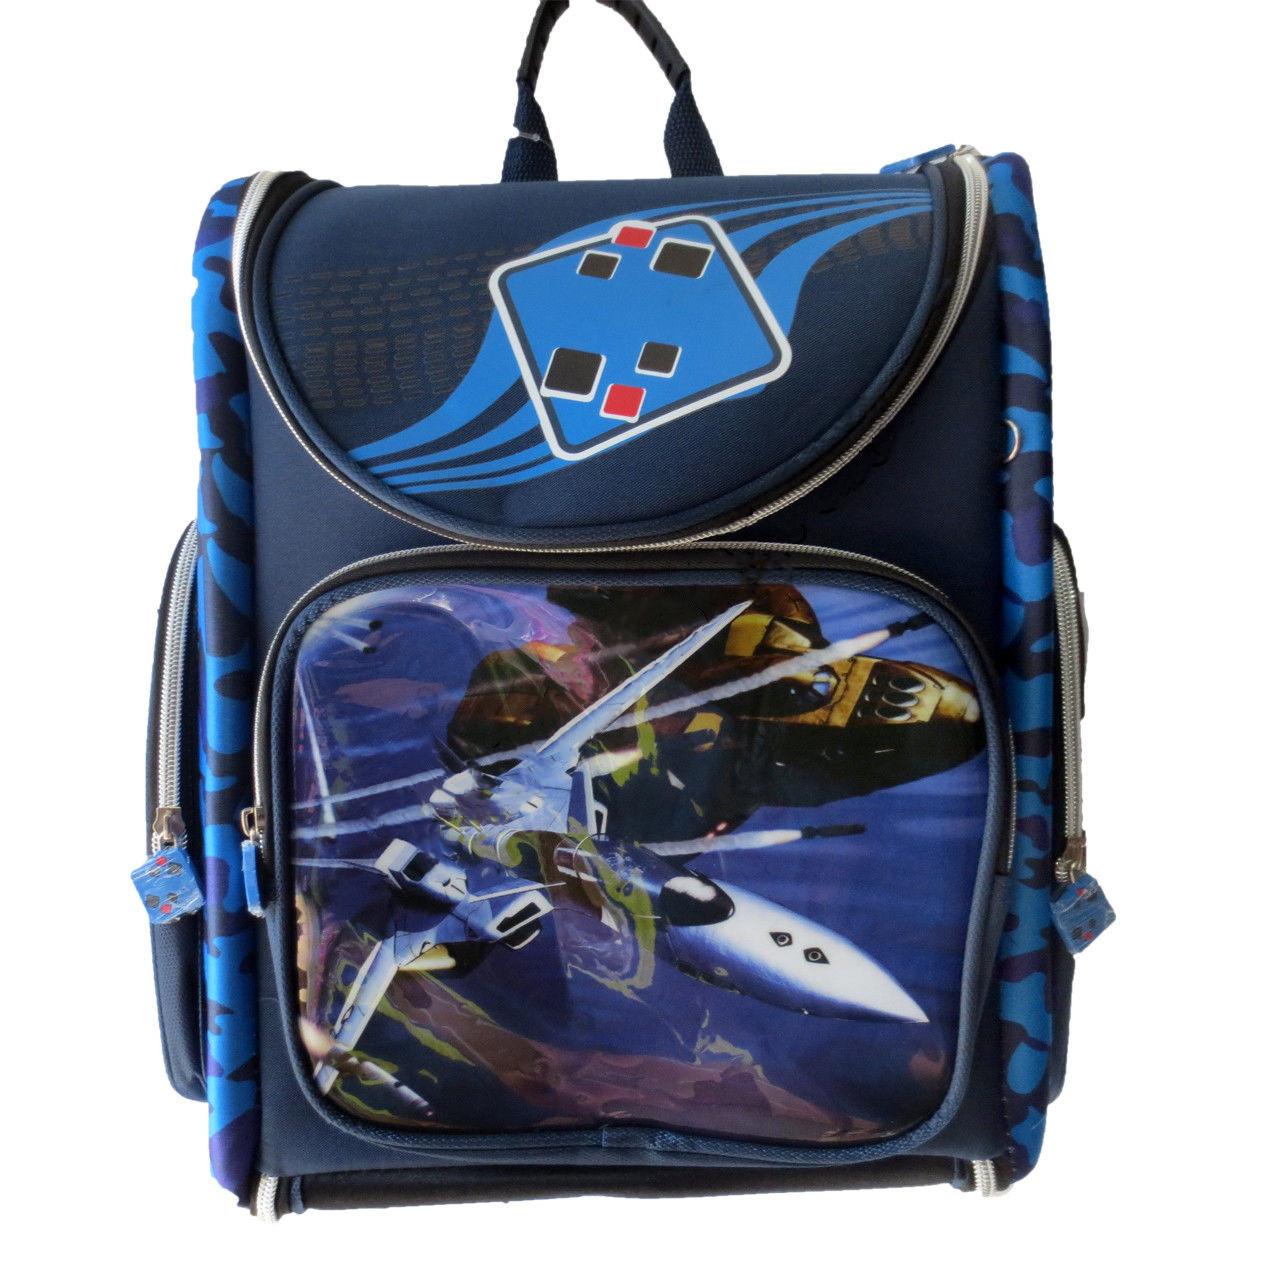 6ee0e97c8699 Отличный школьный рюкзак для мальчика. Ортопедическая спинка. Стильный  дизайн. Хорошее качество. Код: КДН555